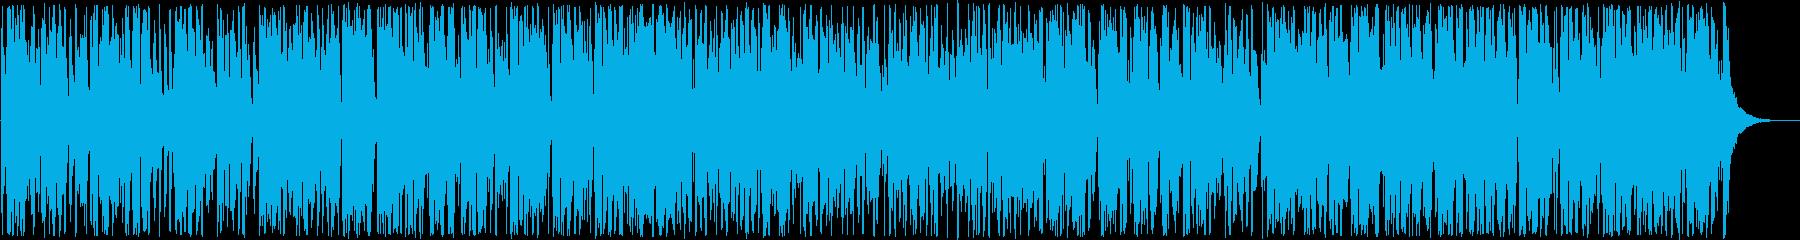 陽気なシンセ・管楽器・打楽器ラテン系の再生済みの波形